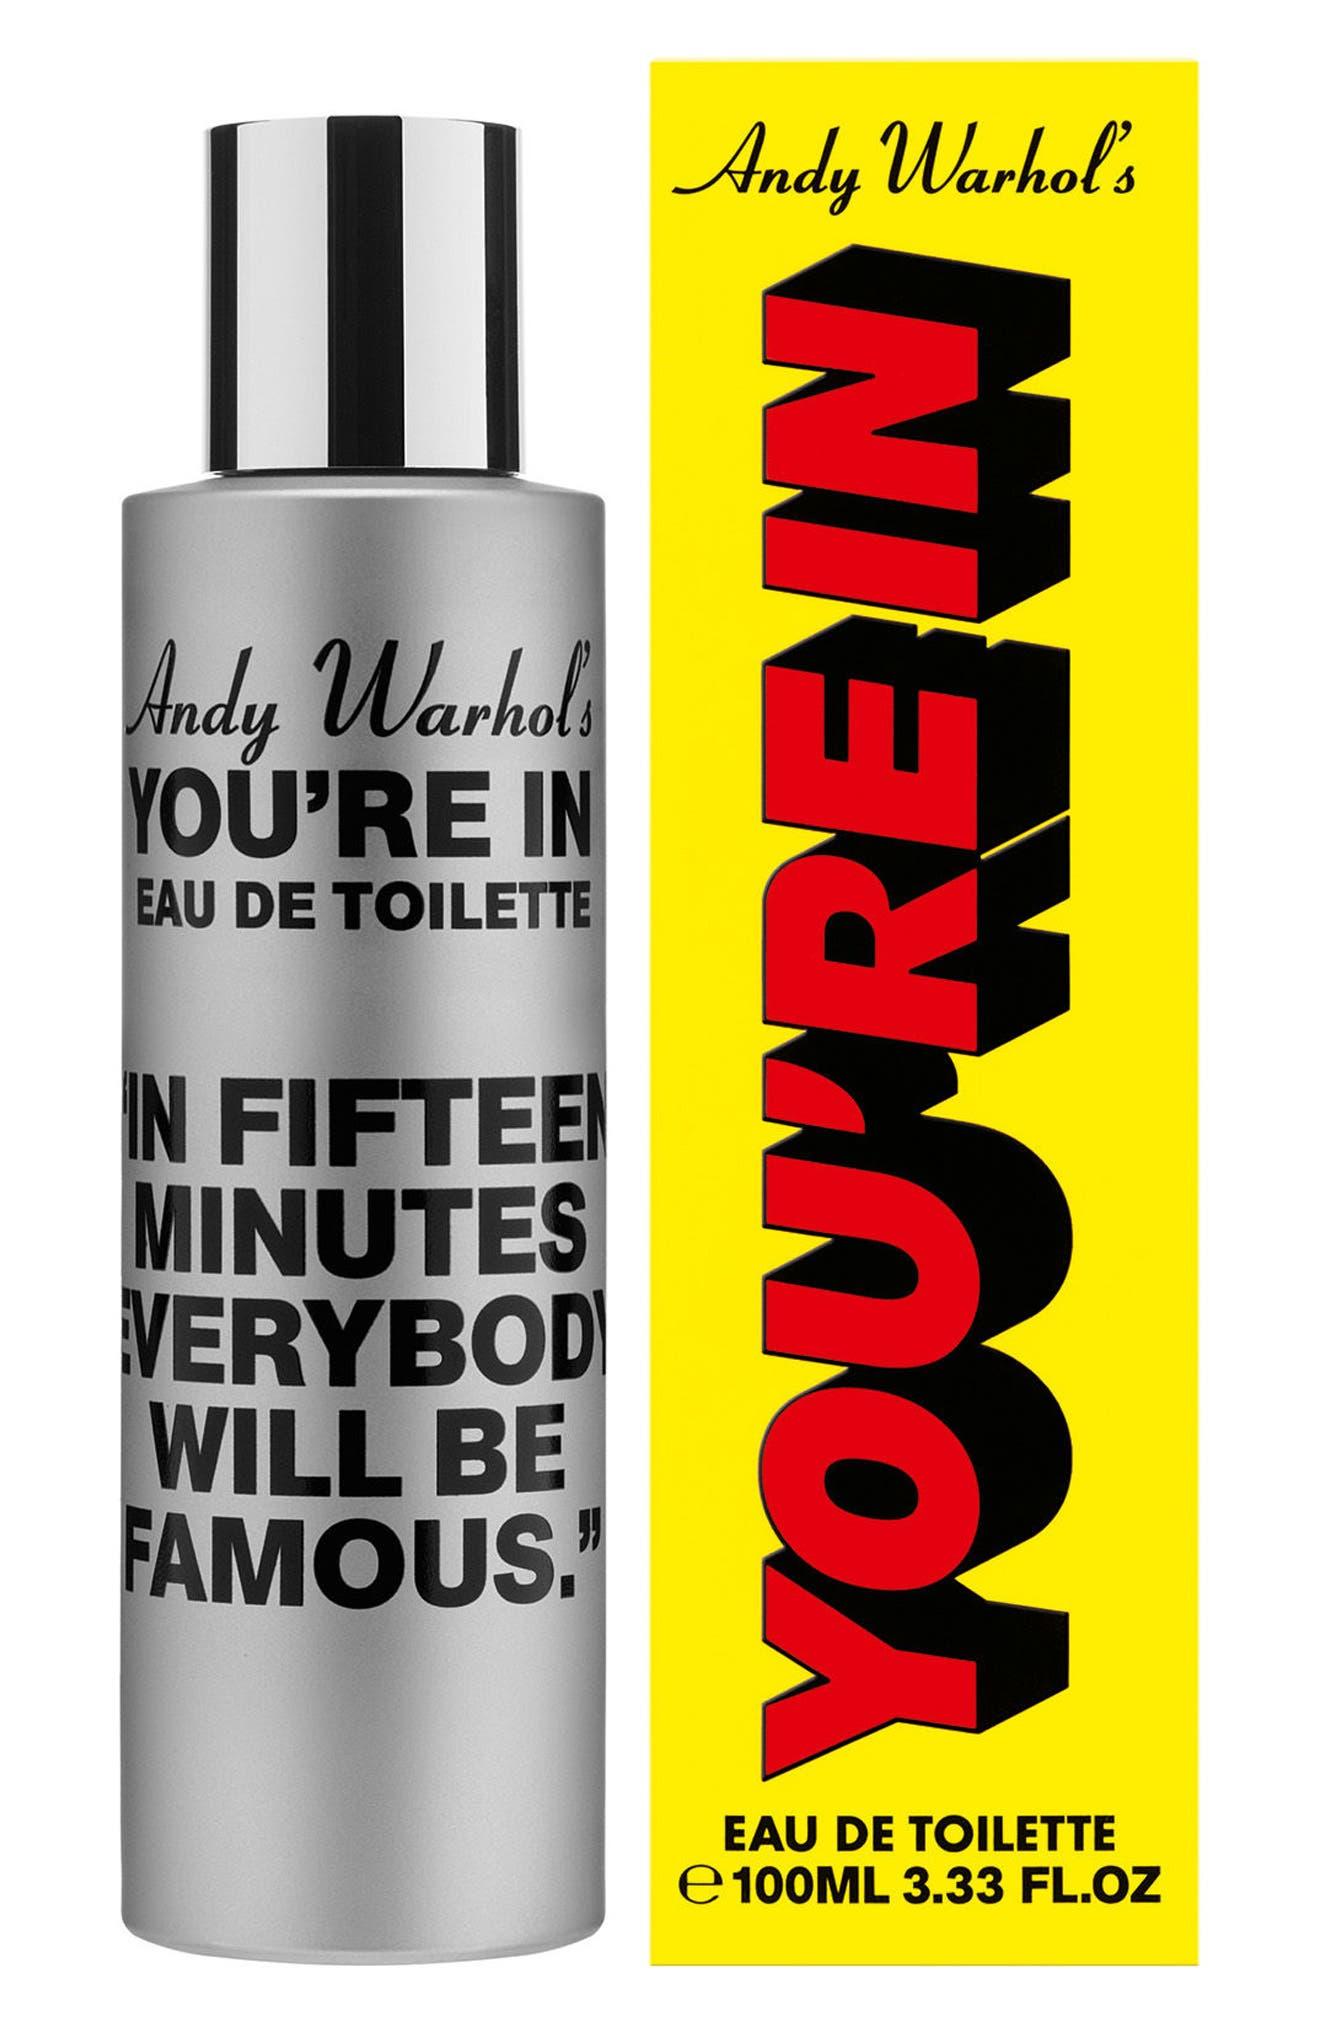 COMME DES GARÇONS, Andy Warhol You're In Unisex Eau de Toilette, Alternate thumbnail 2, color, IN FIFTEEN MINUTES